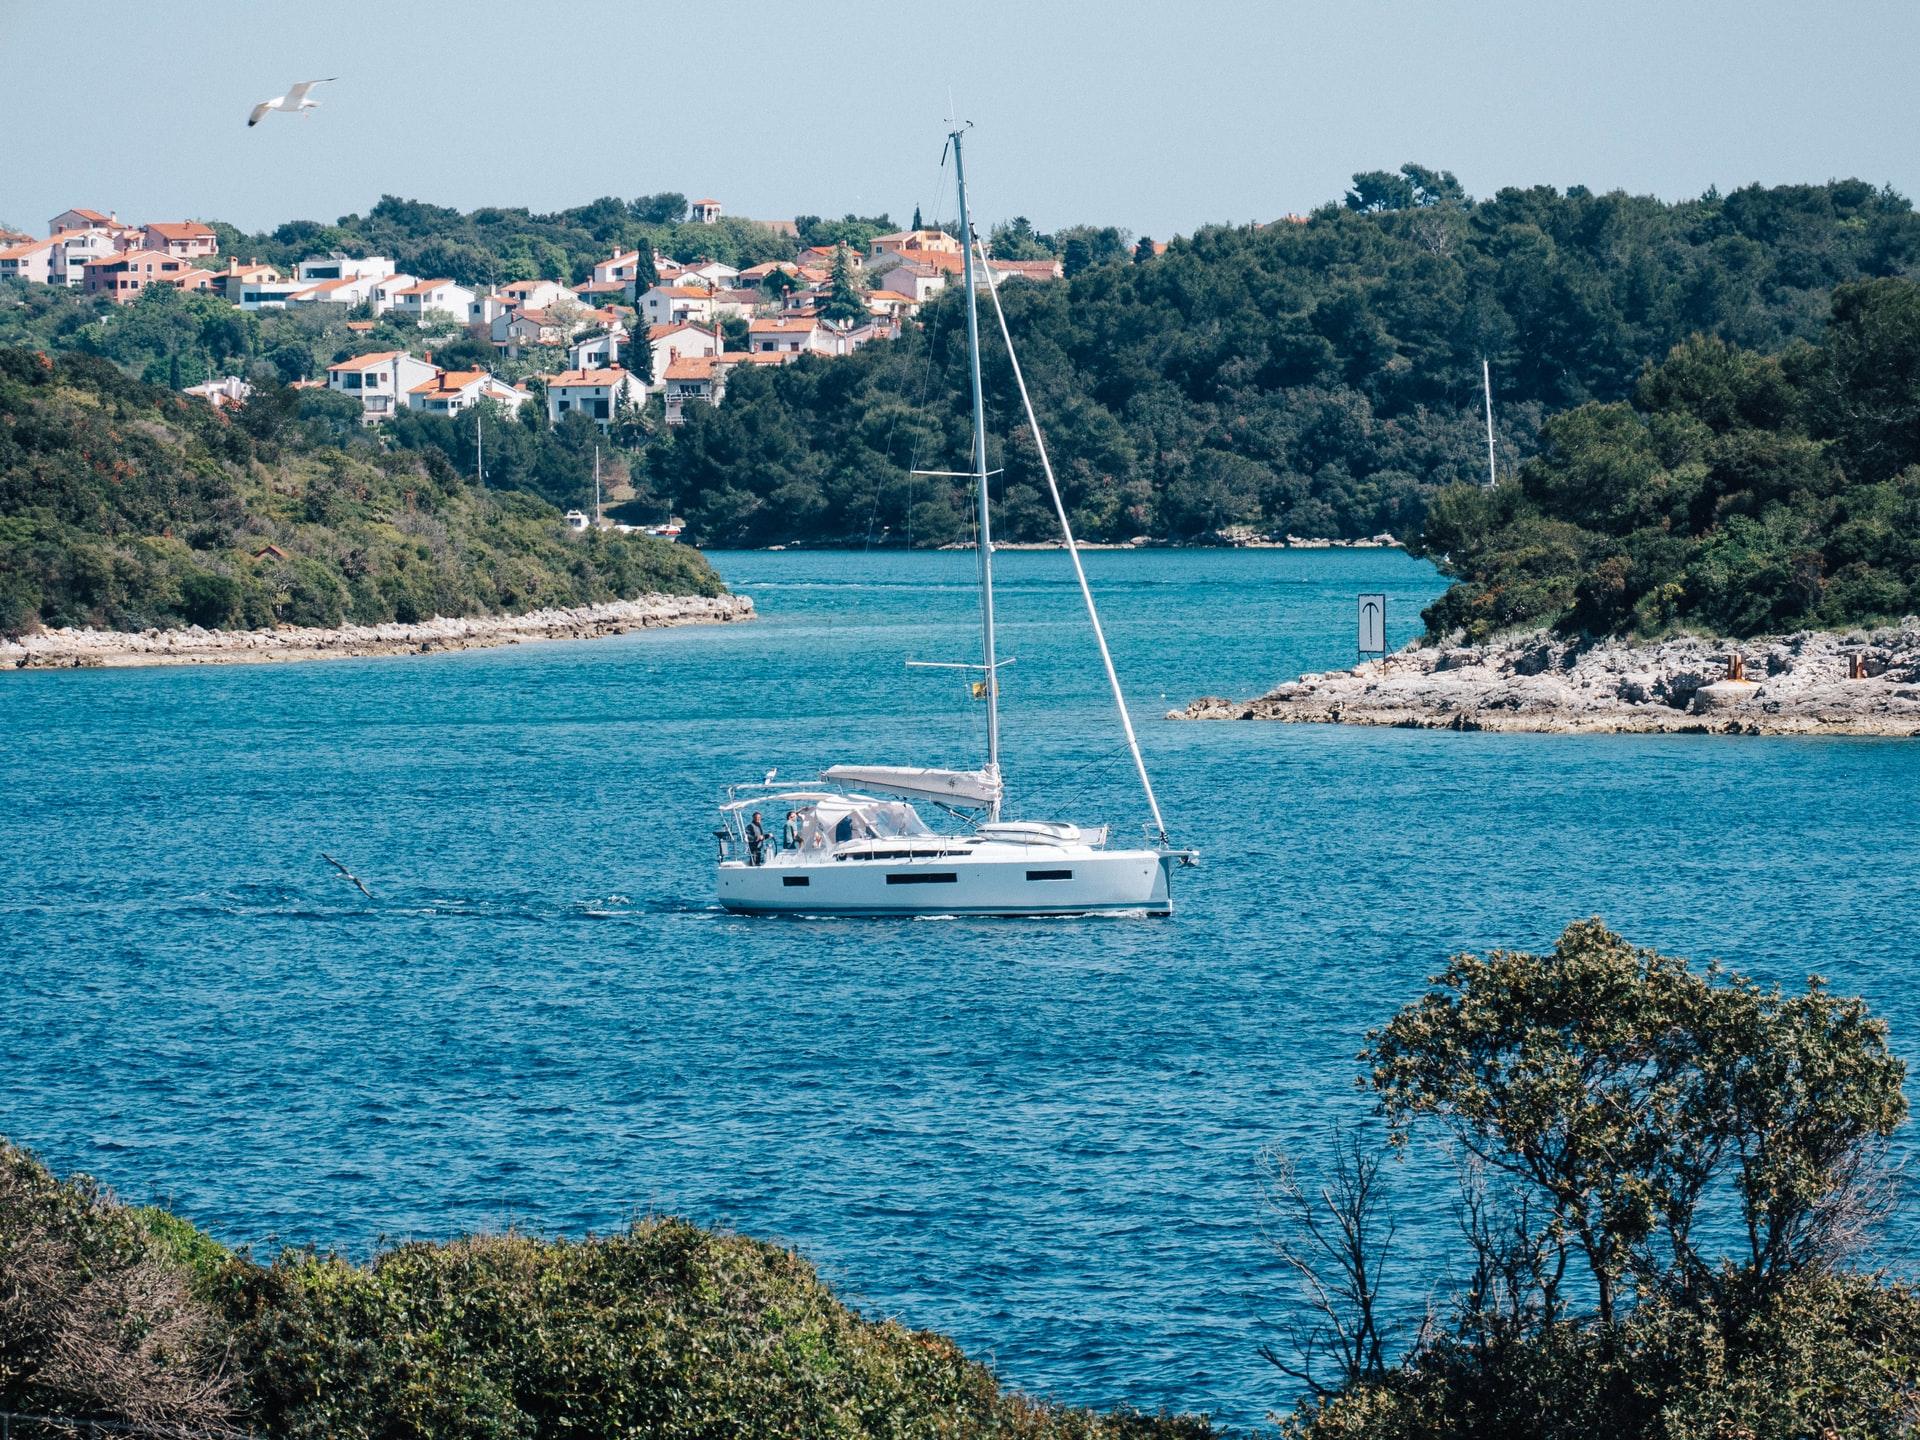 Croatia seen by boat